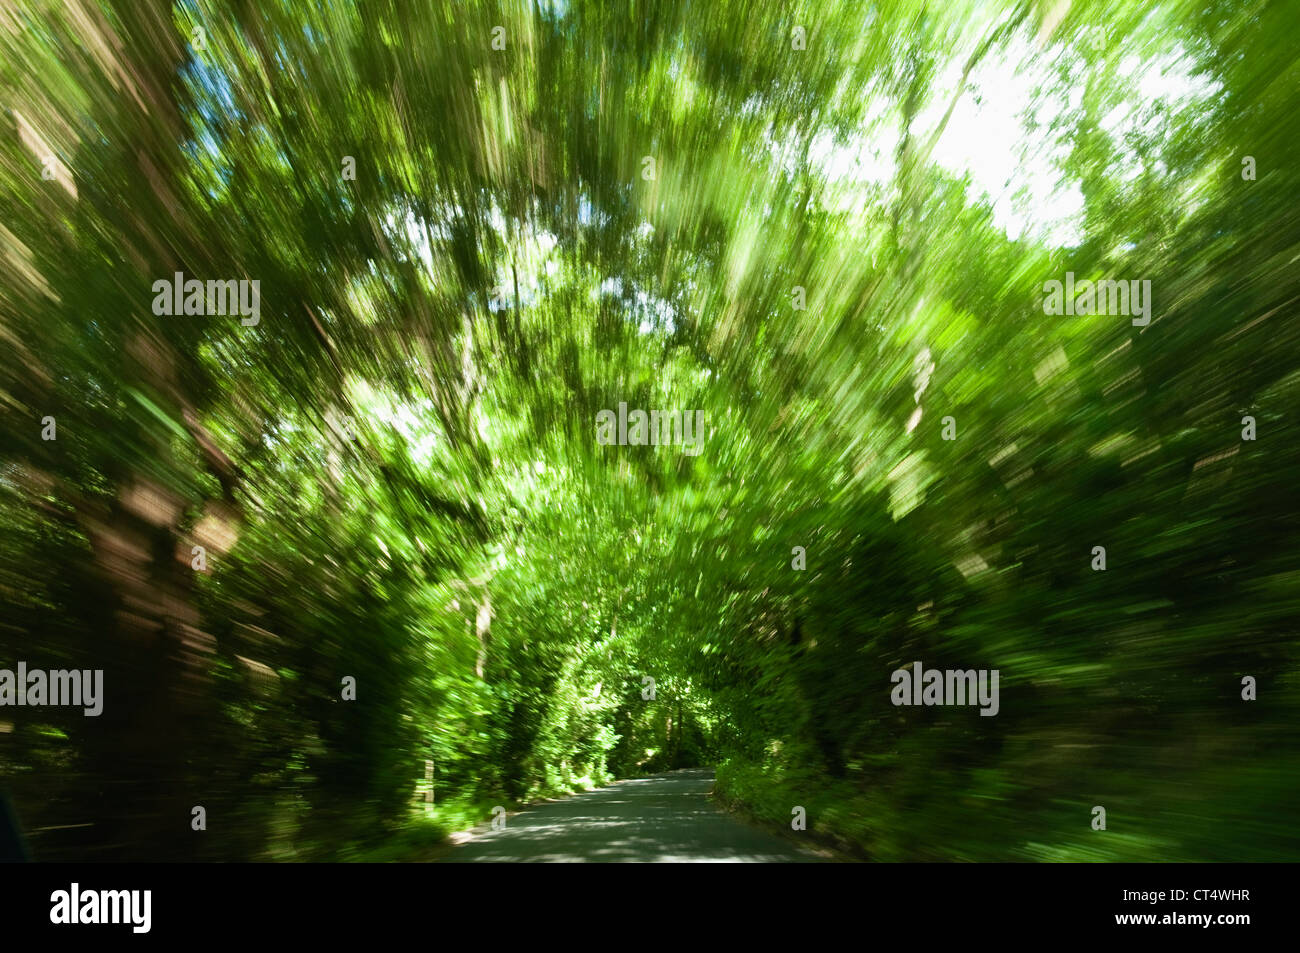 Box Hill, Surrey - impressionistischen Aussicht mit Motion blur, als ob Radfahren schnell auf dem Weg durch einen Stockbild